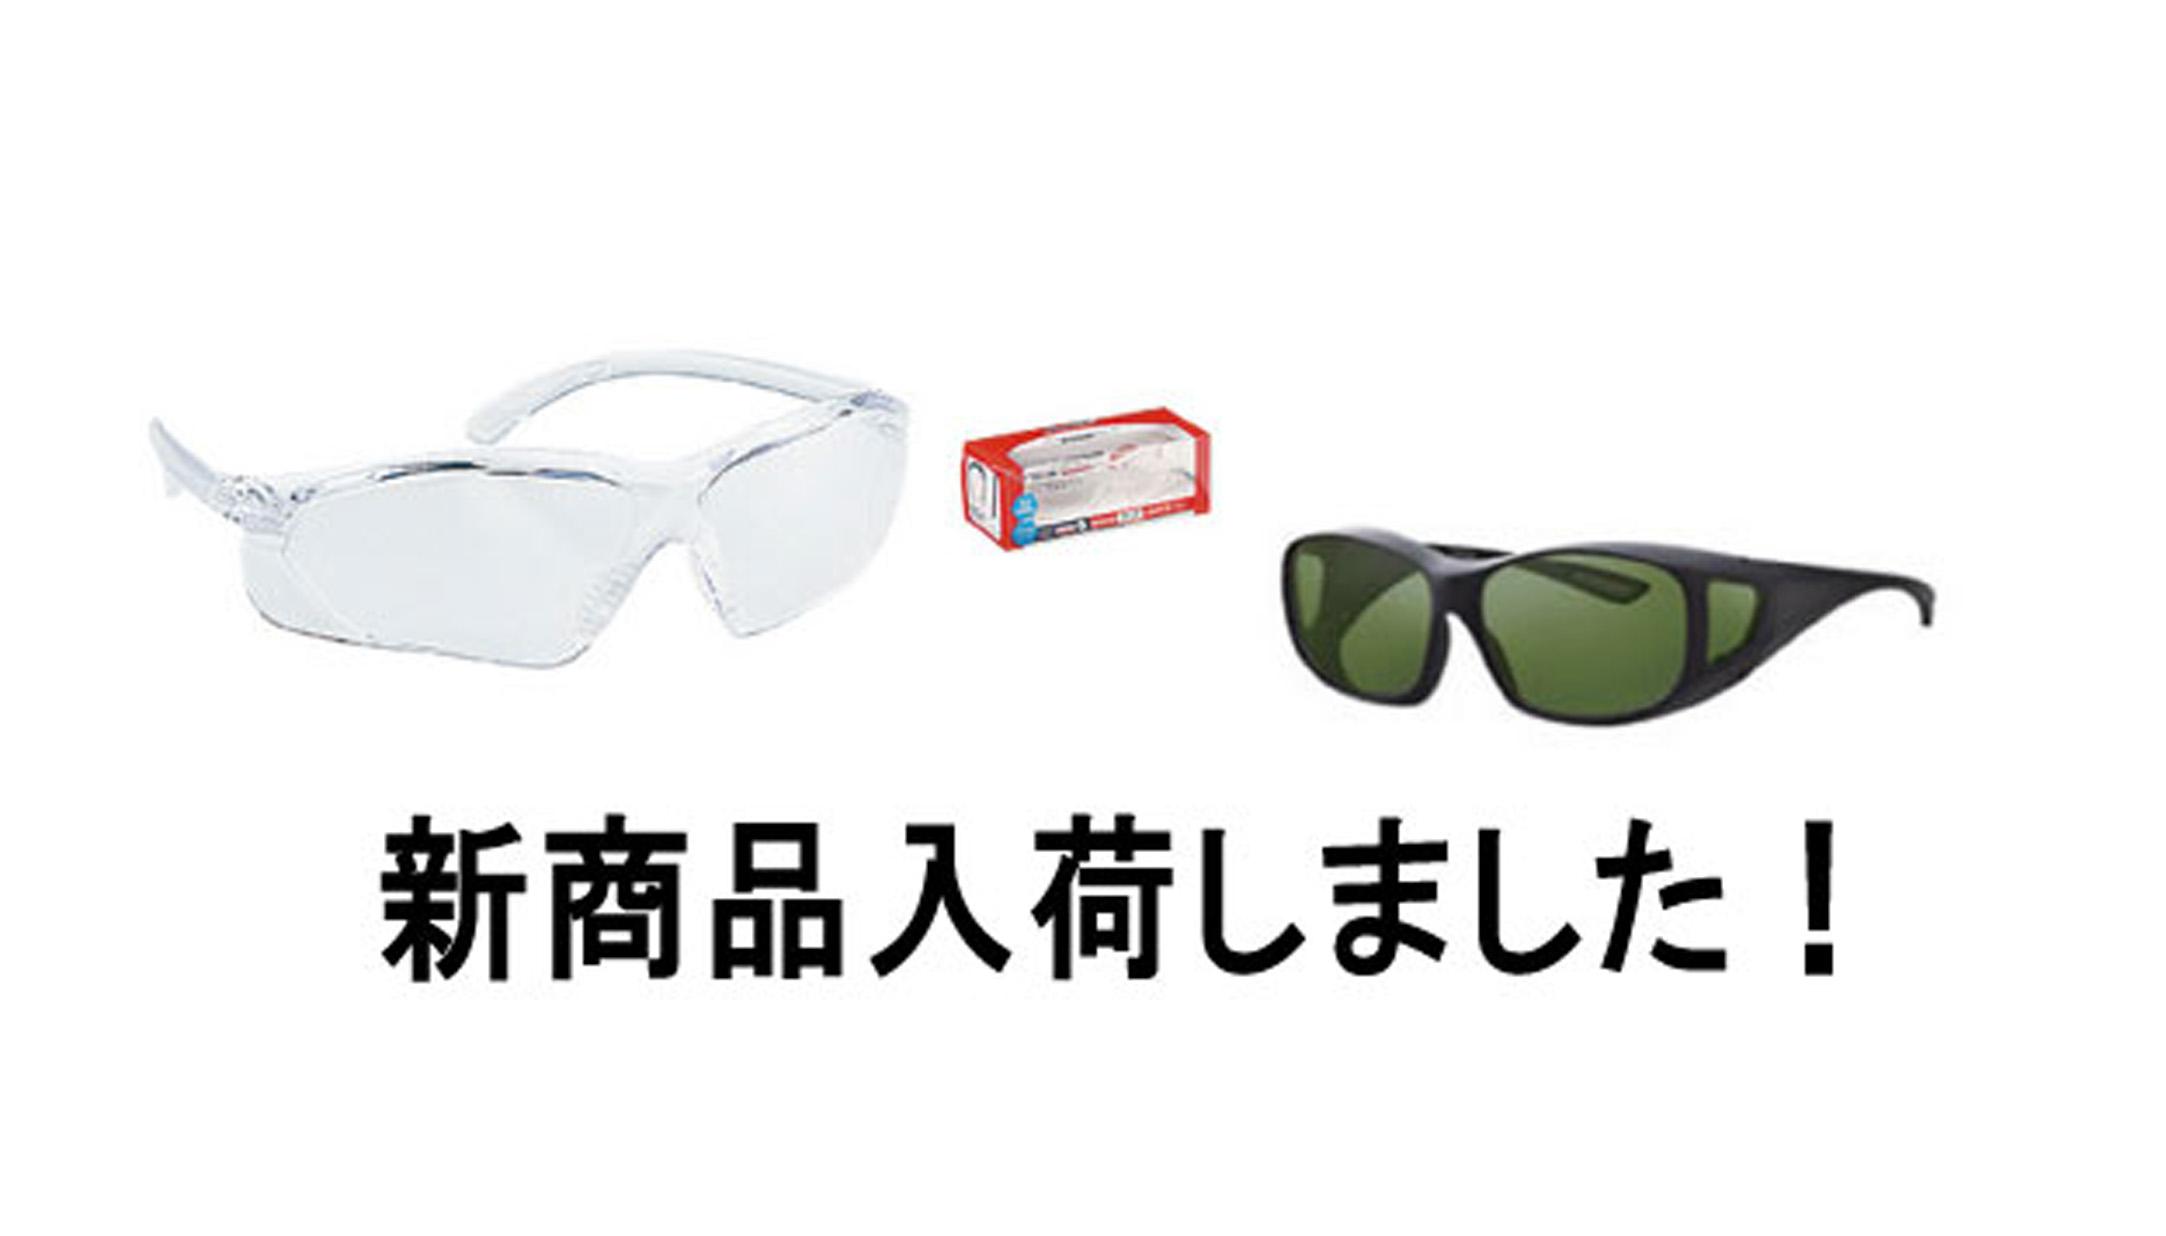 白内障治療中・白内障手術後の方のメガネ 新商品が入荷しました